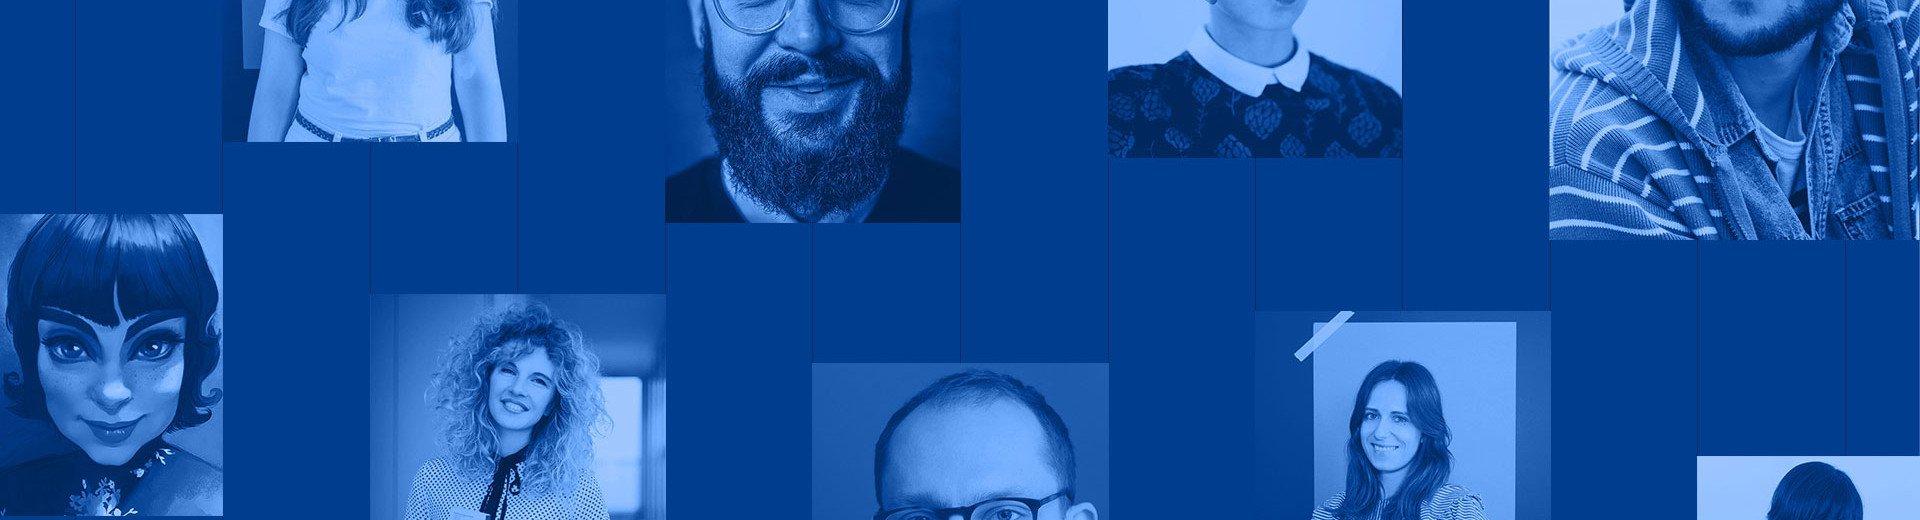 Okładka artykułu GrafConf 2017 — Zapraszamy na Grafmagową konferencję do Torunia!